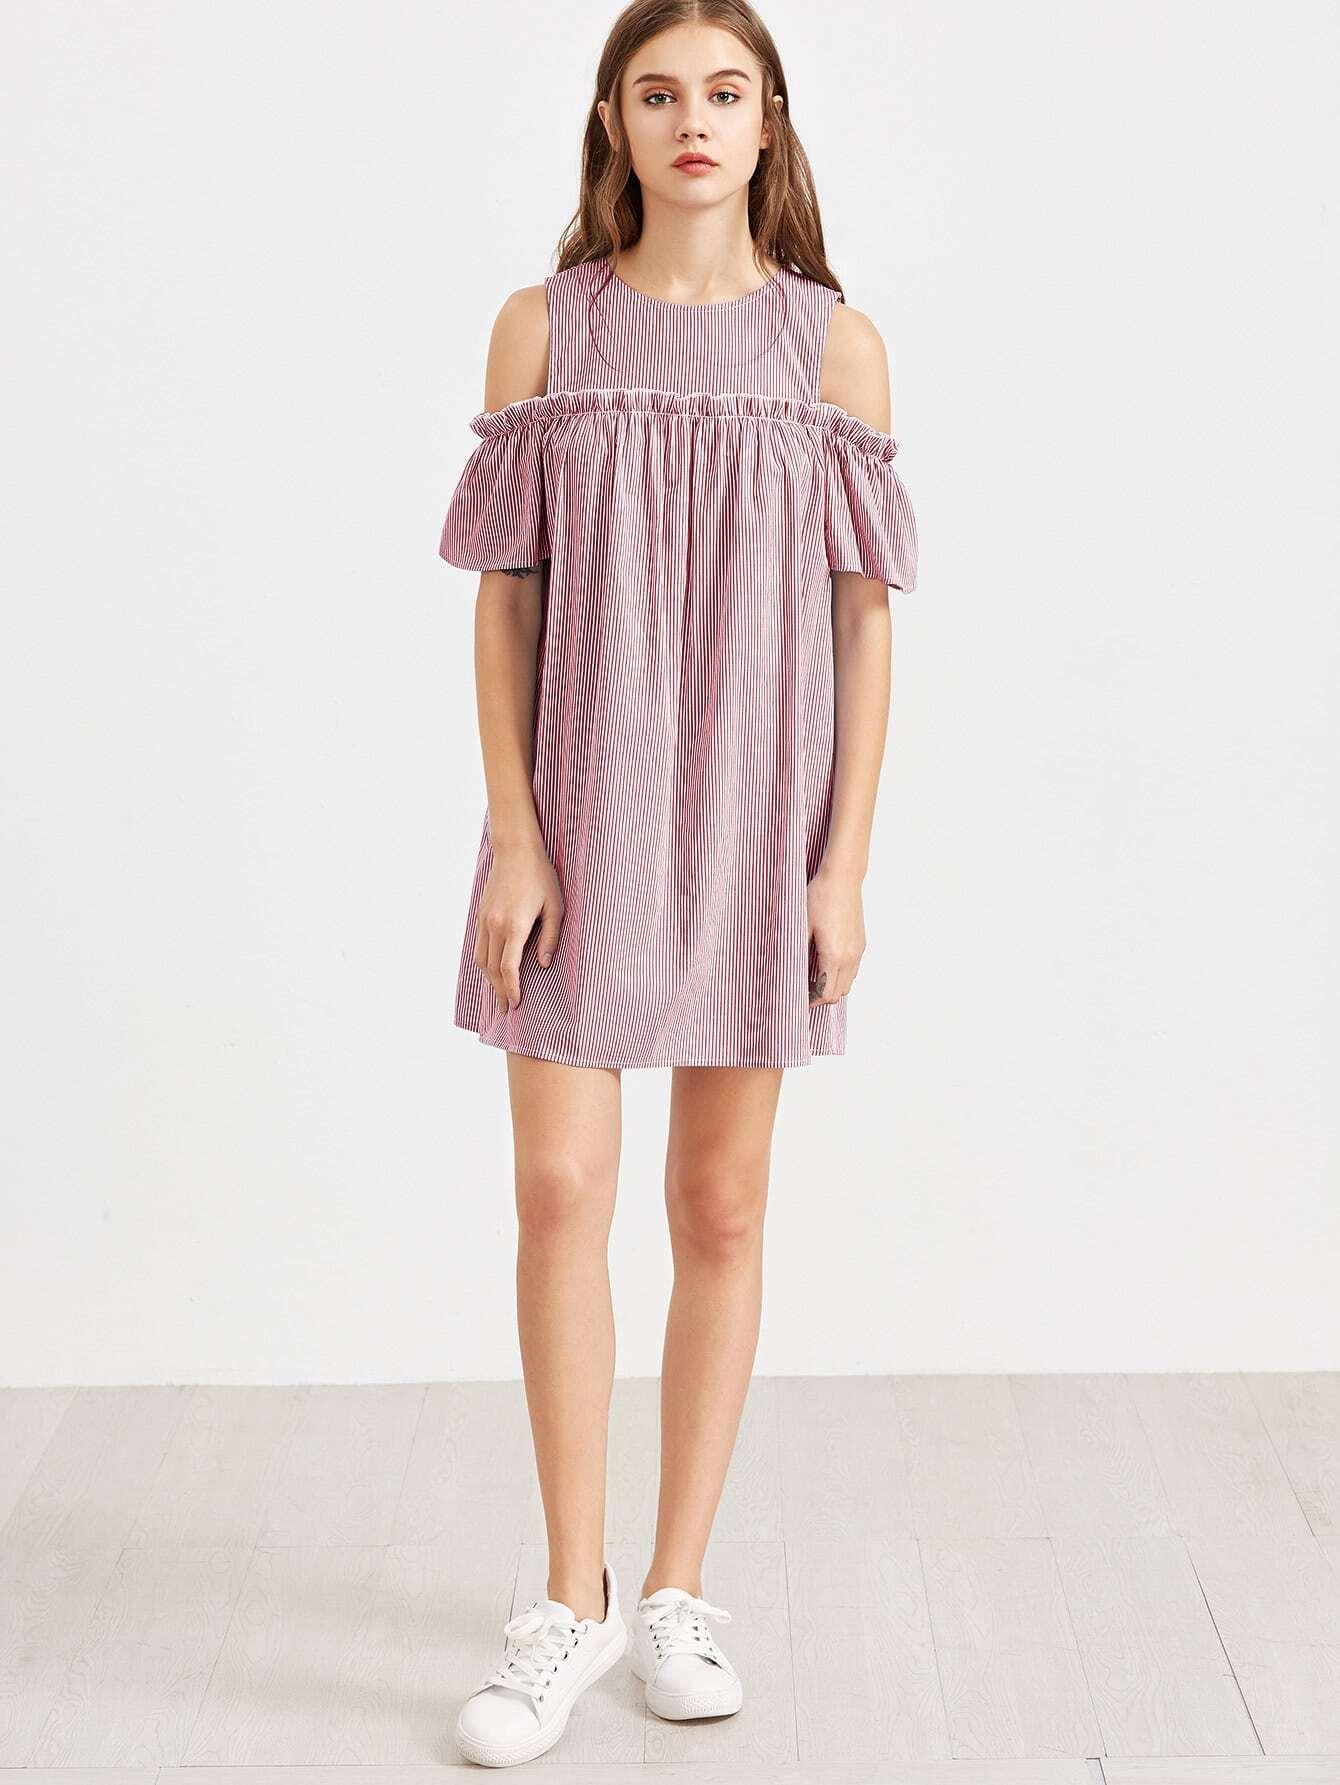 dress170420711_2